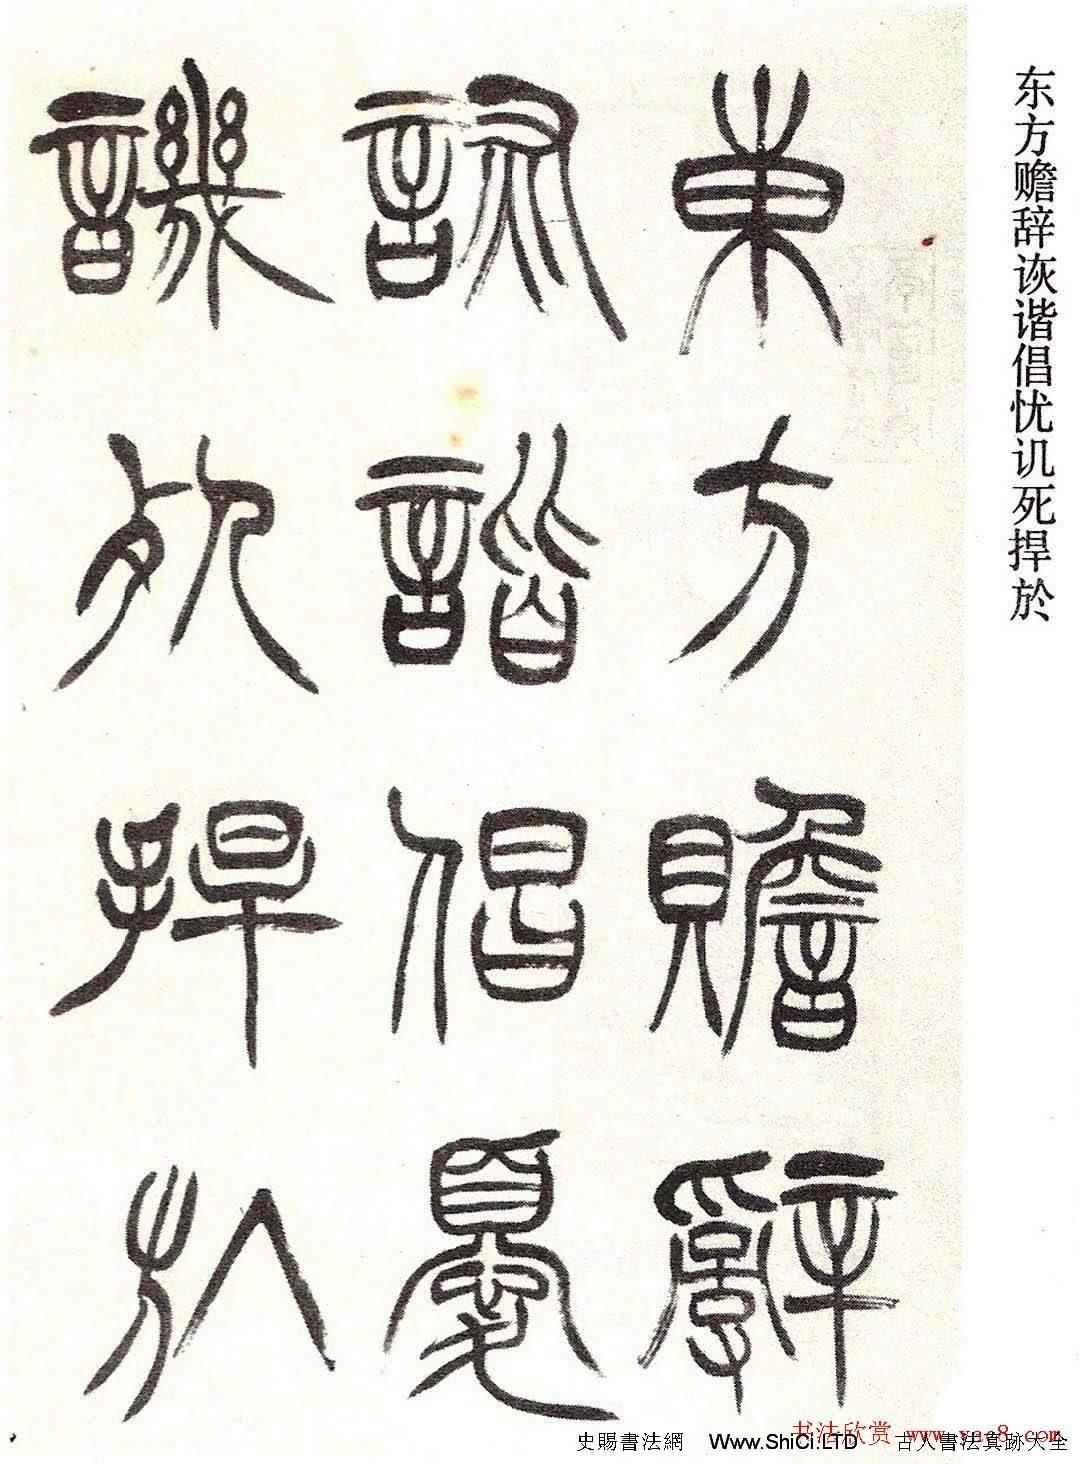 清代徐三庚字帖《篆書冊》(共62張圖片)